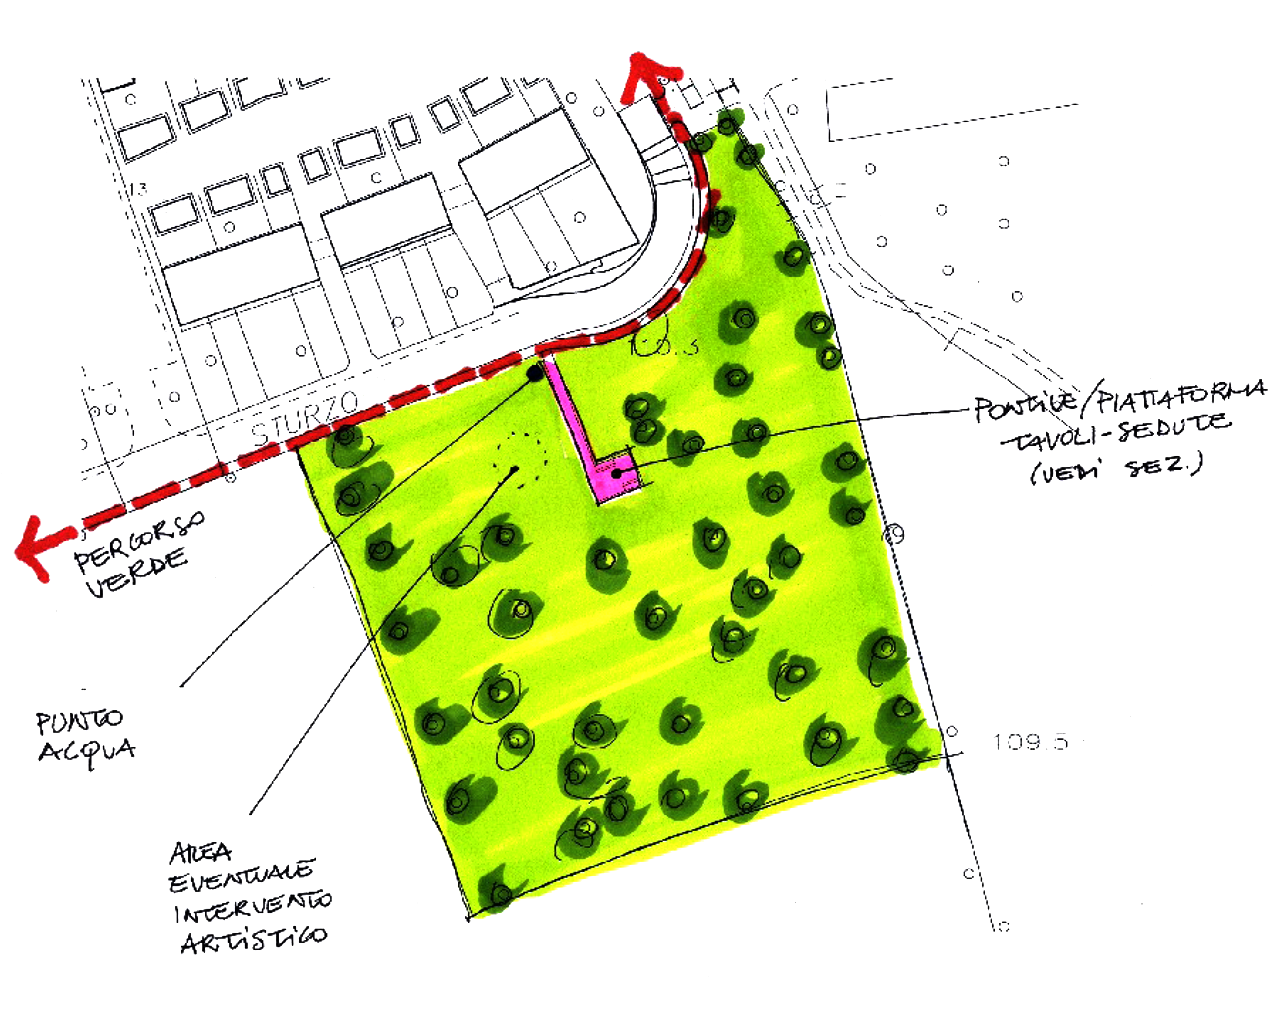 Planimetria dell'area - Biotopo - Liscate